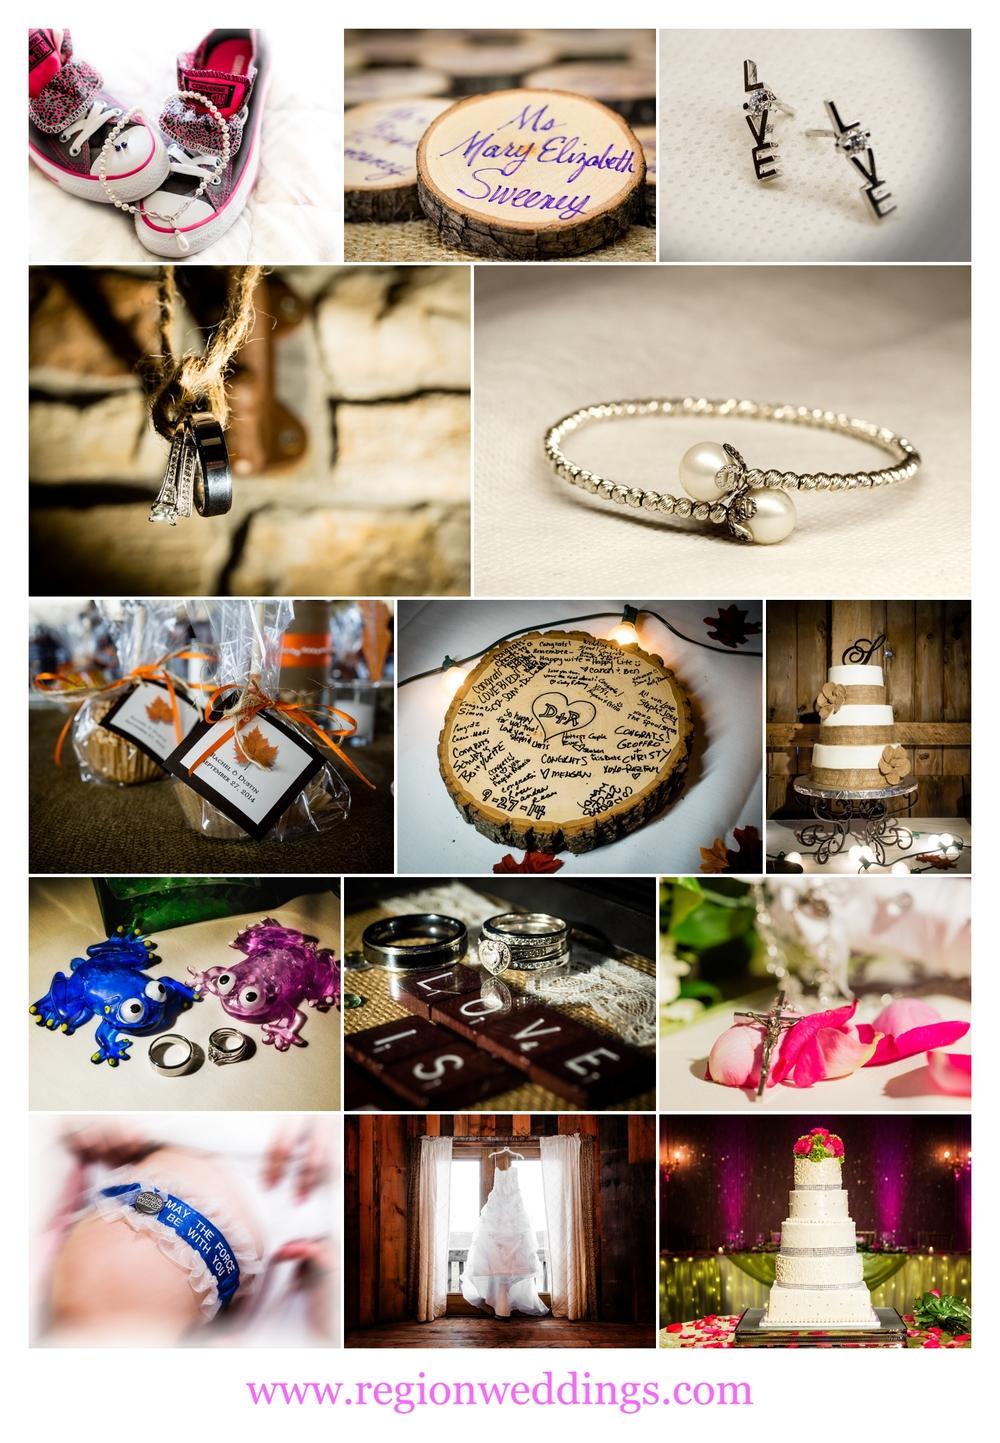 wedding-details-photo-collage.jpg